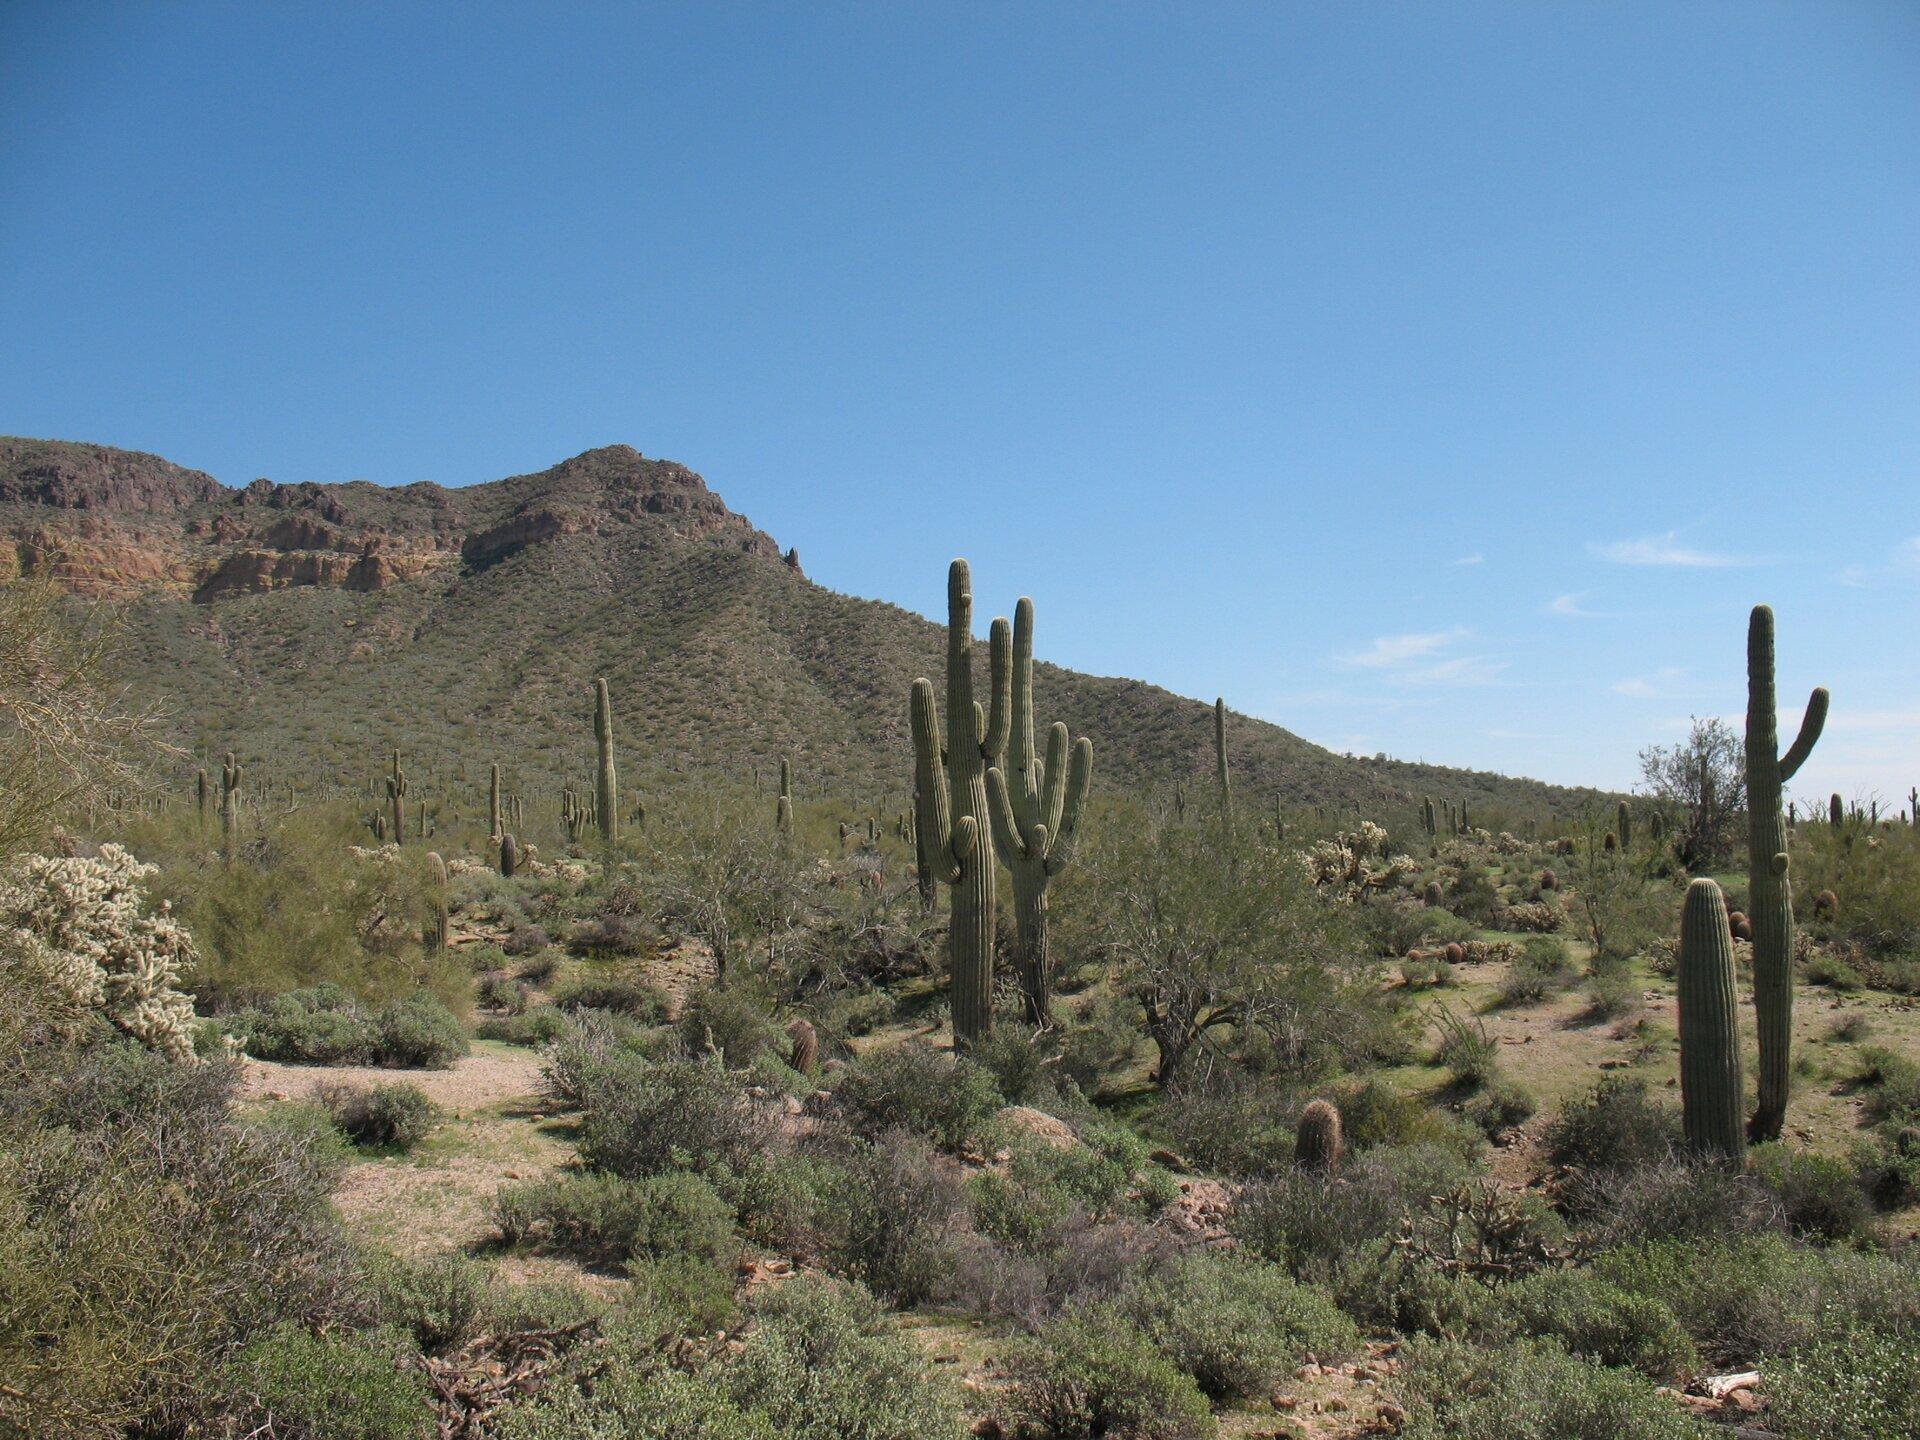 Fotografia przedstawia teren pokryty brązową ziemią, pokrytą zrzadka kępami traw. Wdużych odległościach od siebie rosną wysokie kaktusy.